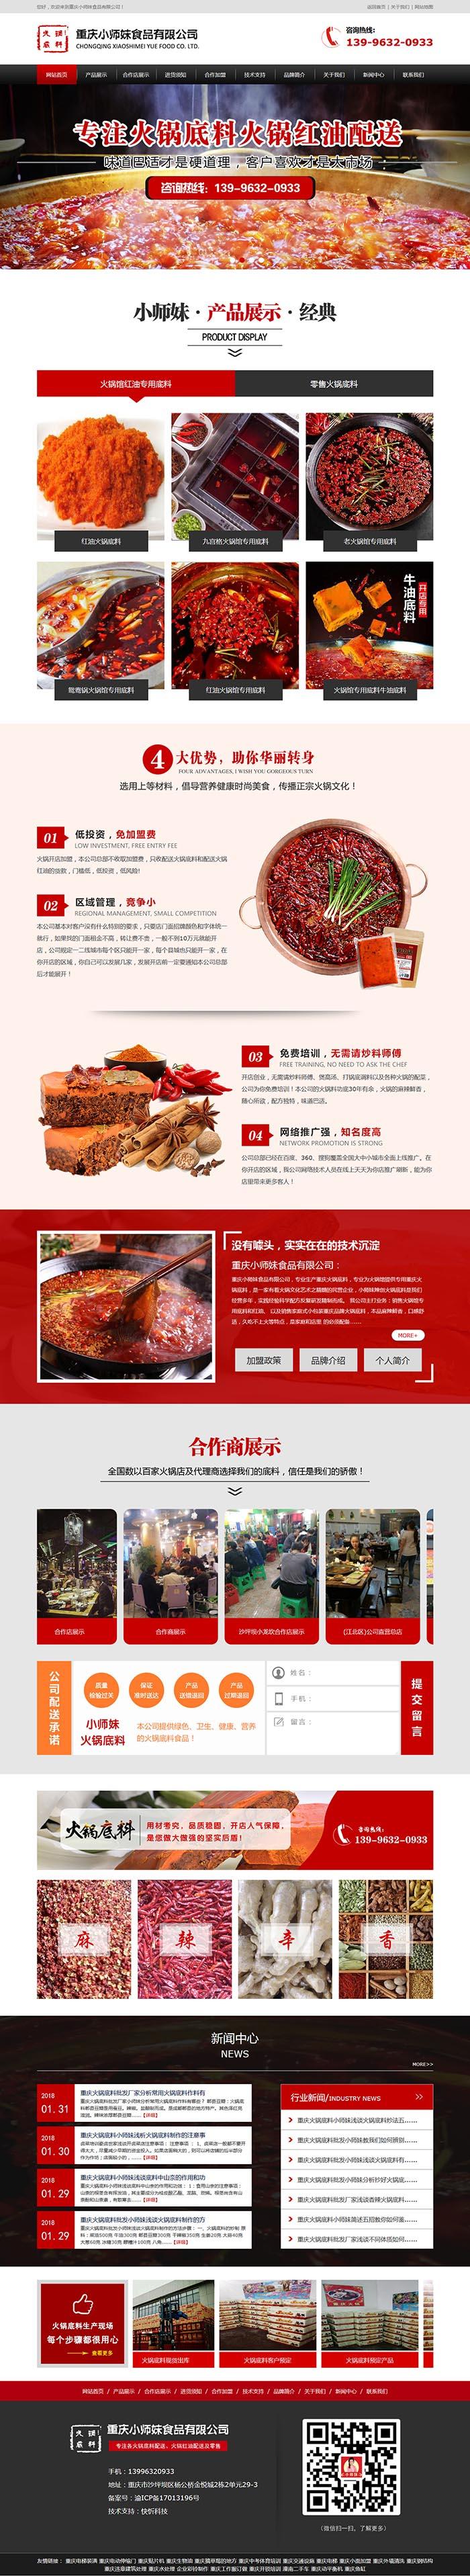 重庆小师妹食品有限公司网站建设案例